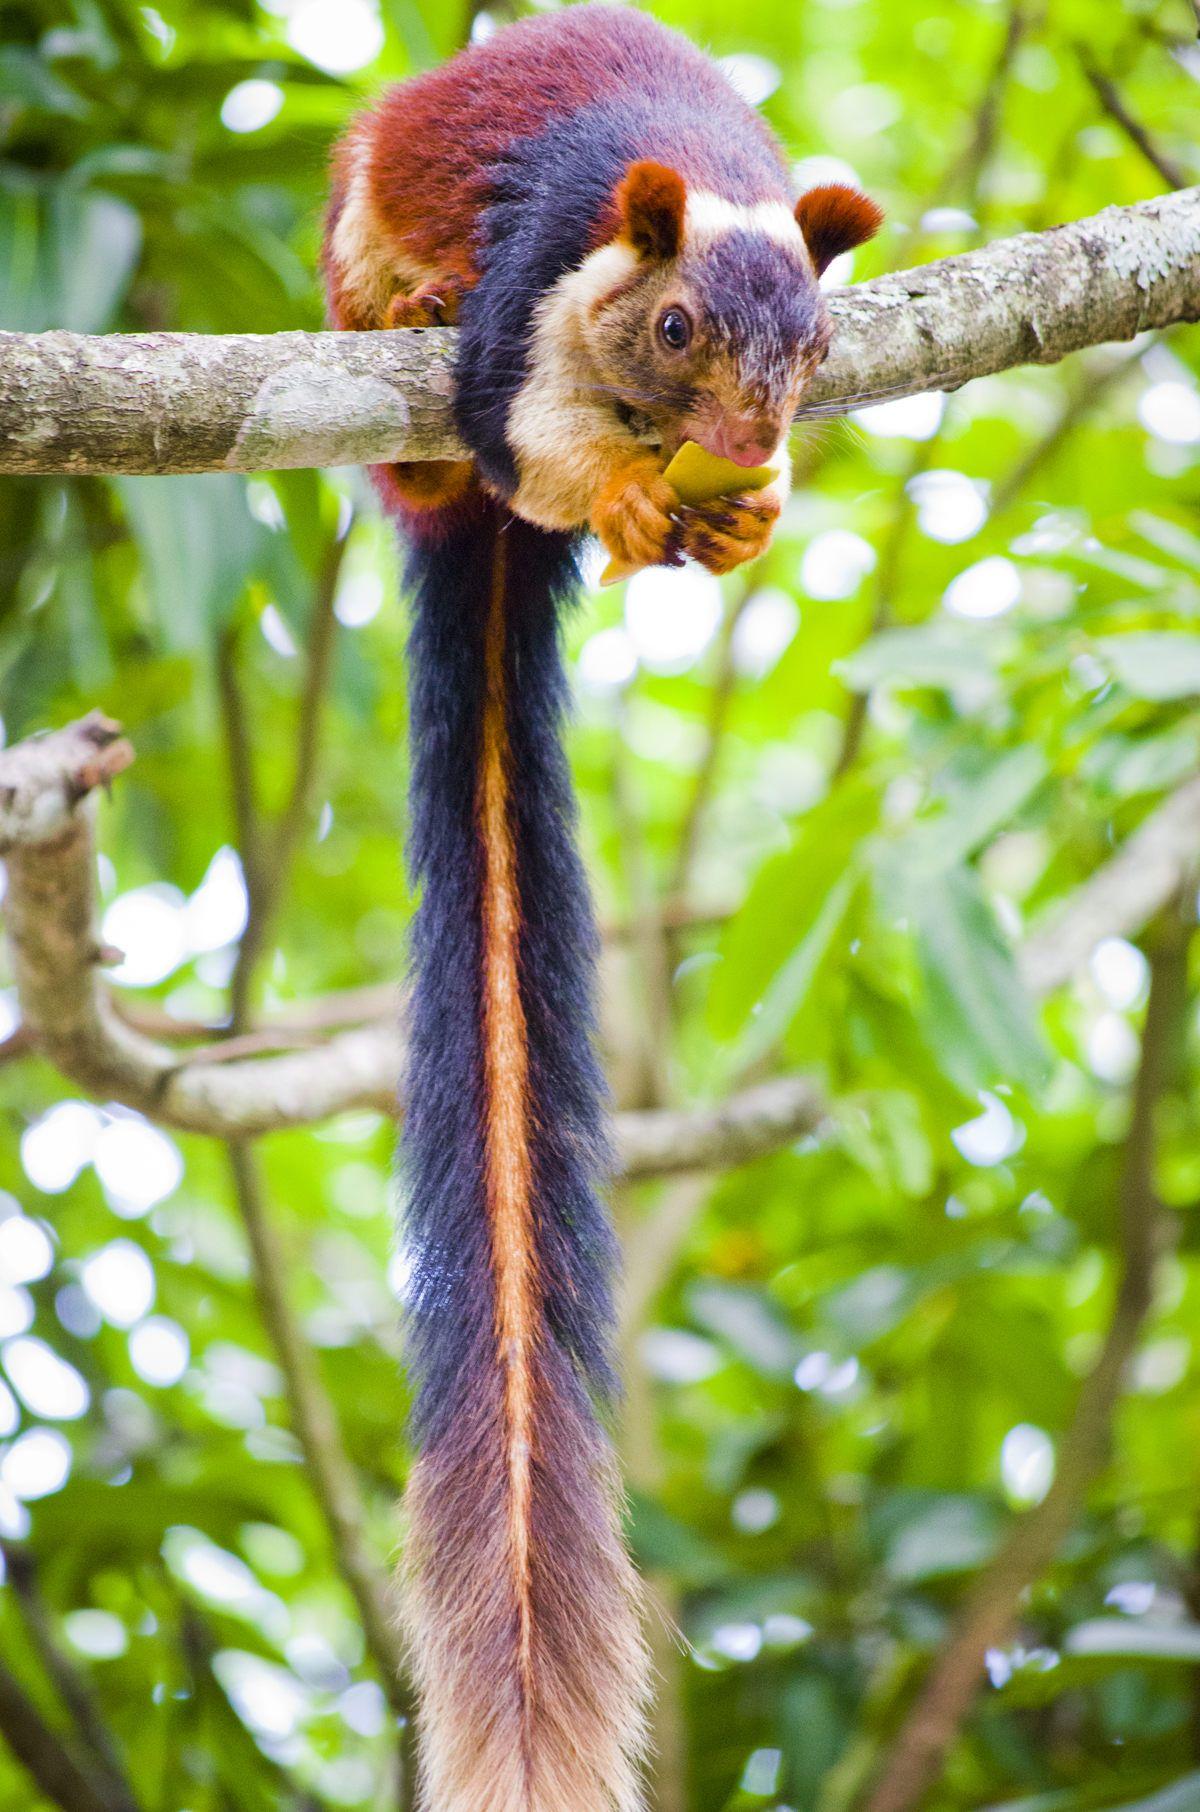 India's Giant Technicolor Squirrels Unusual animals